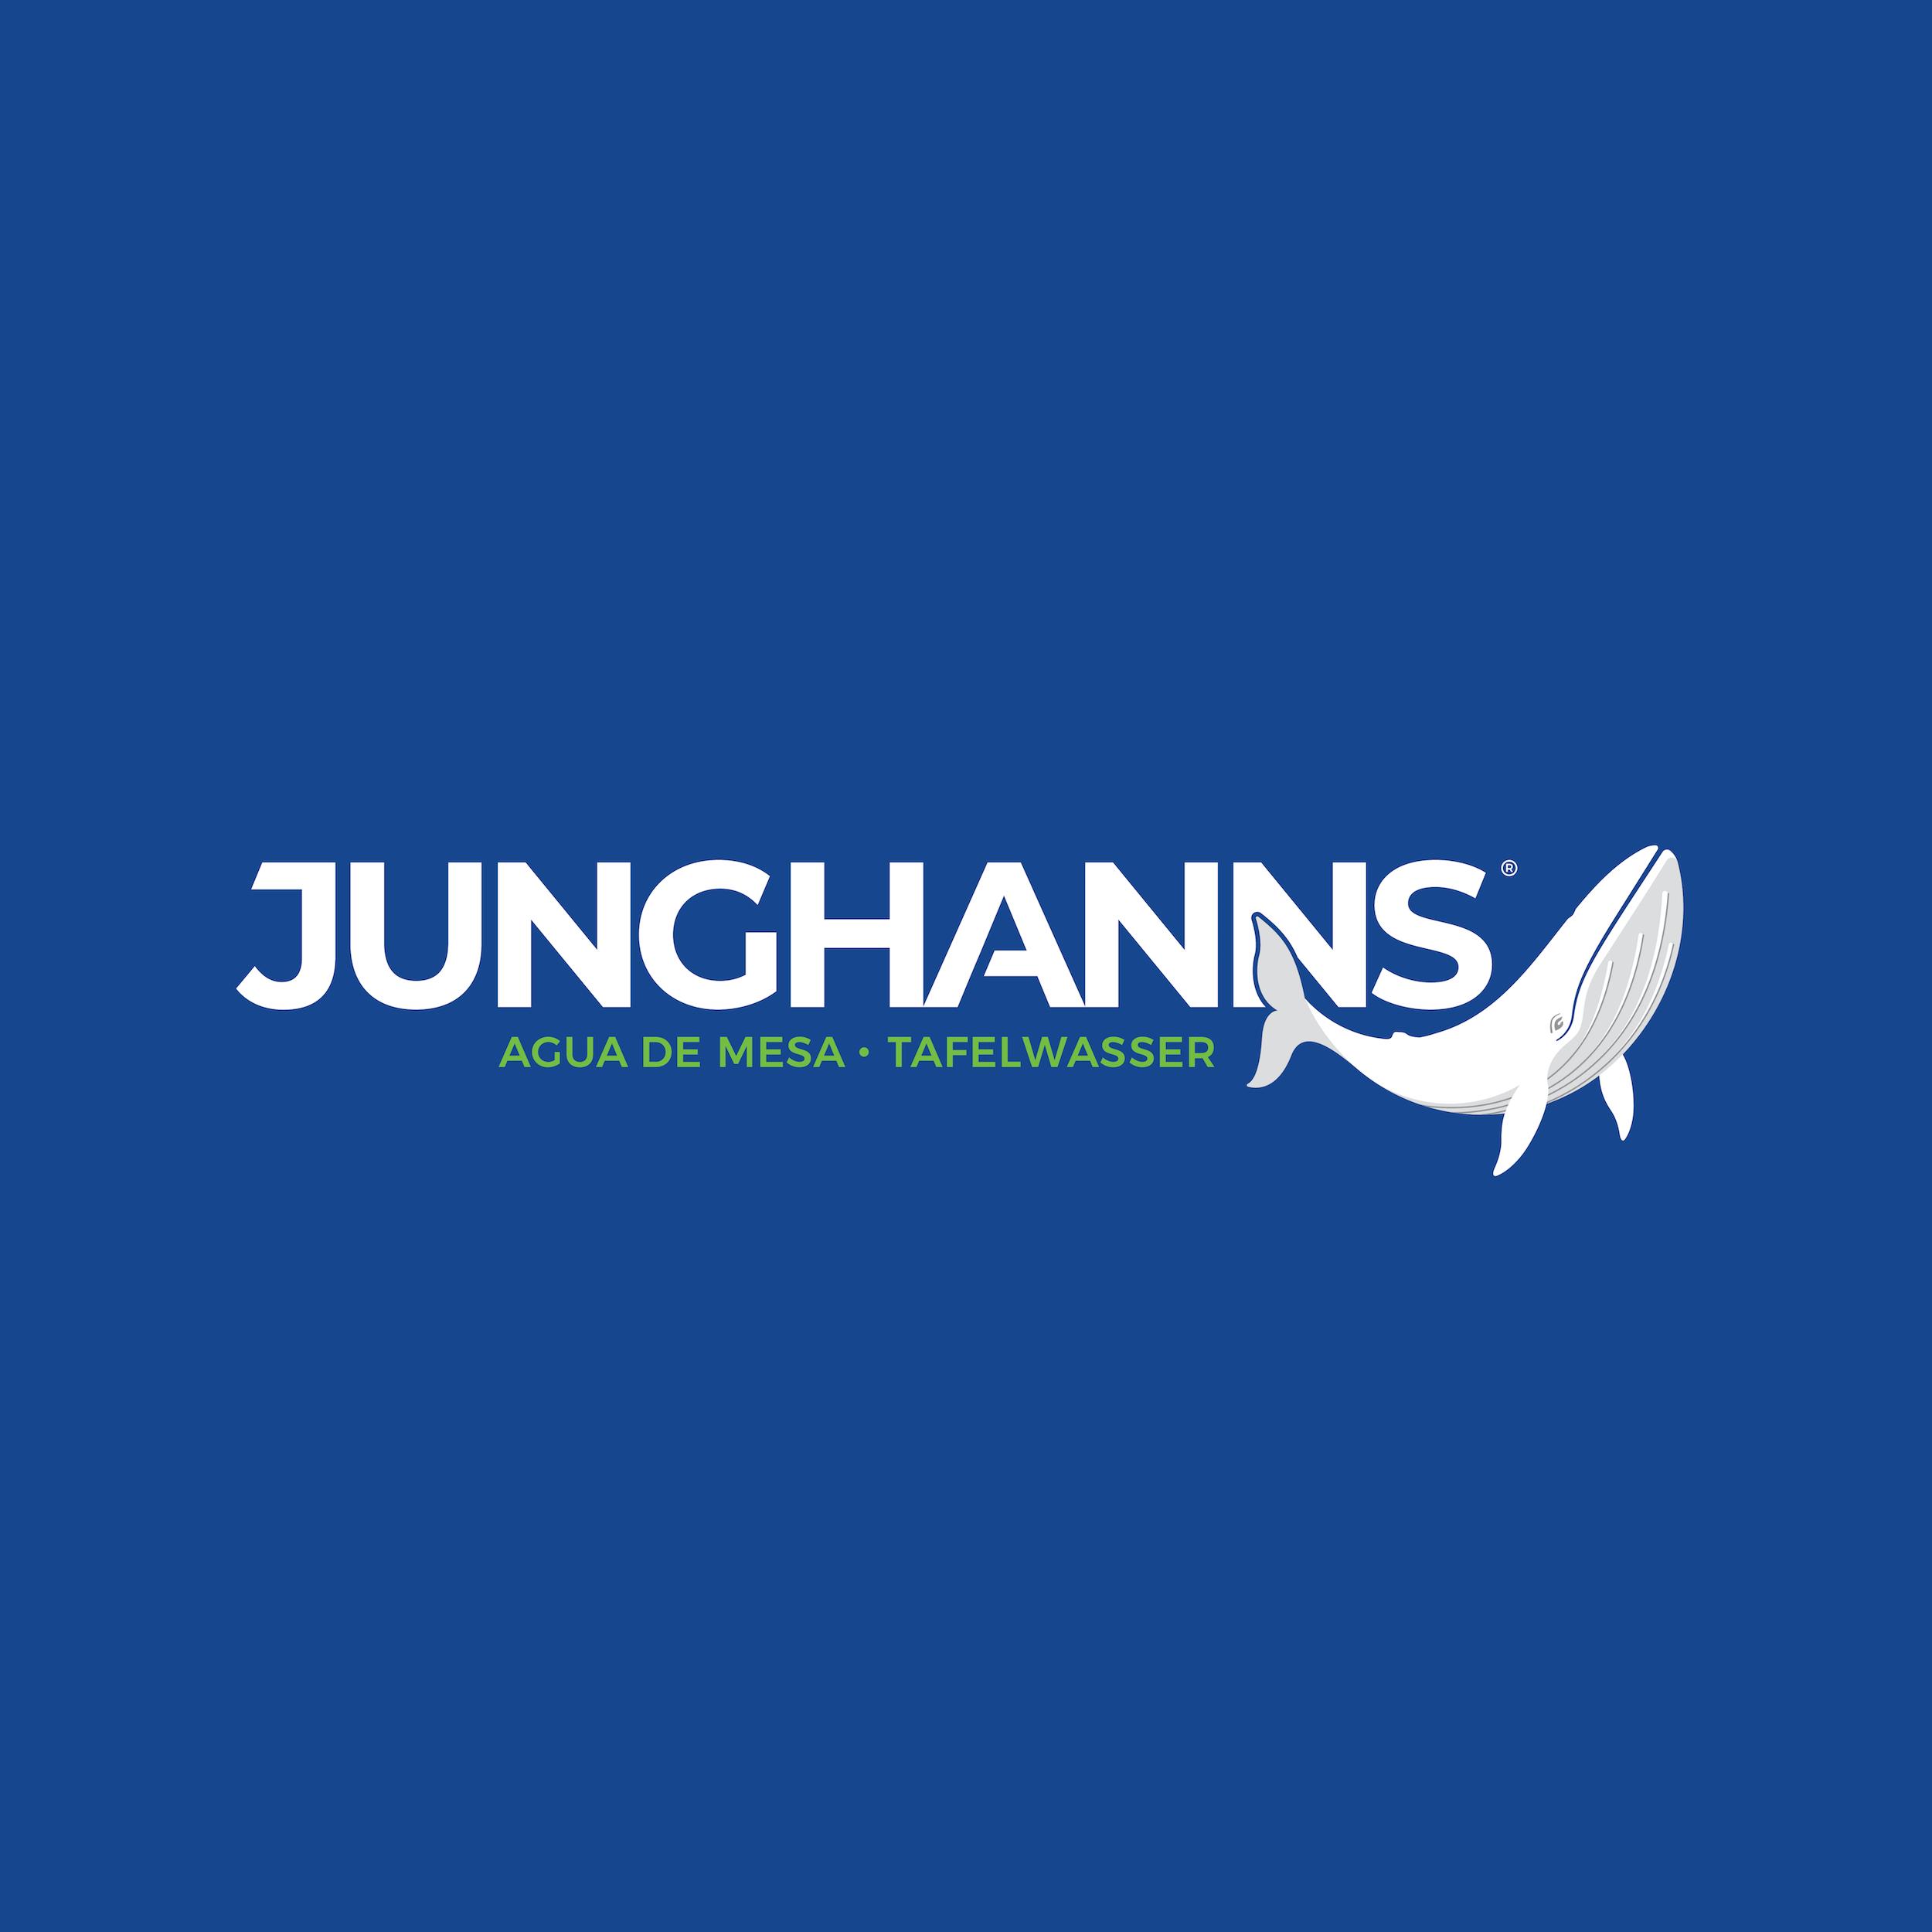 JUNGHANNS_LOGO-02